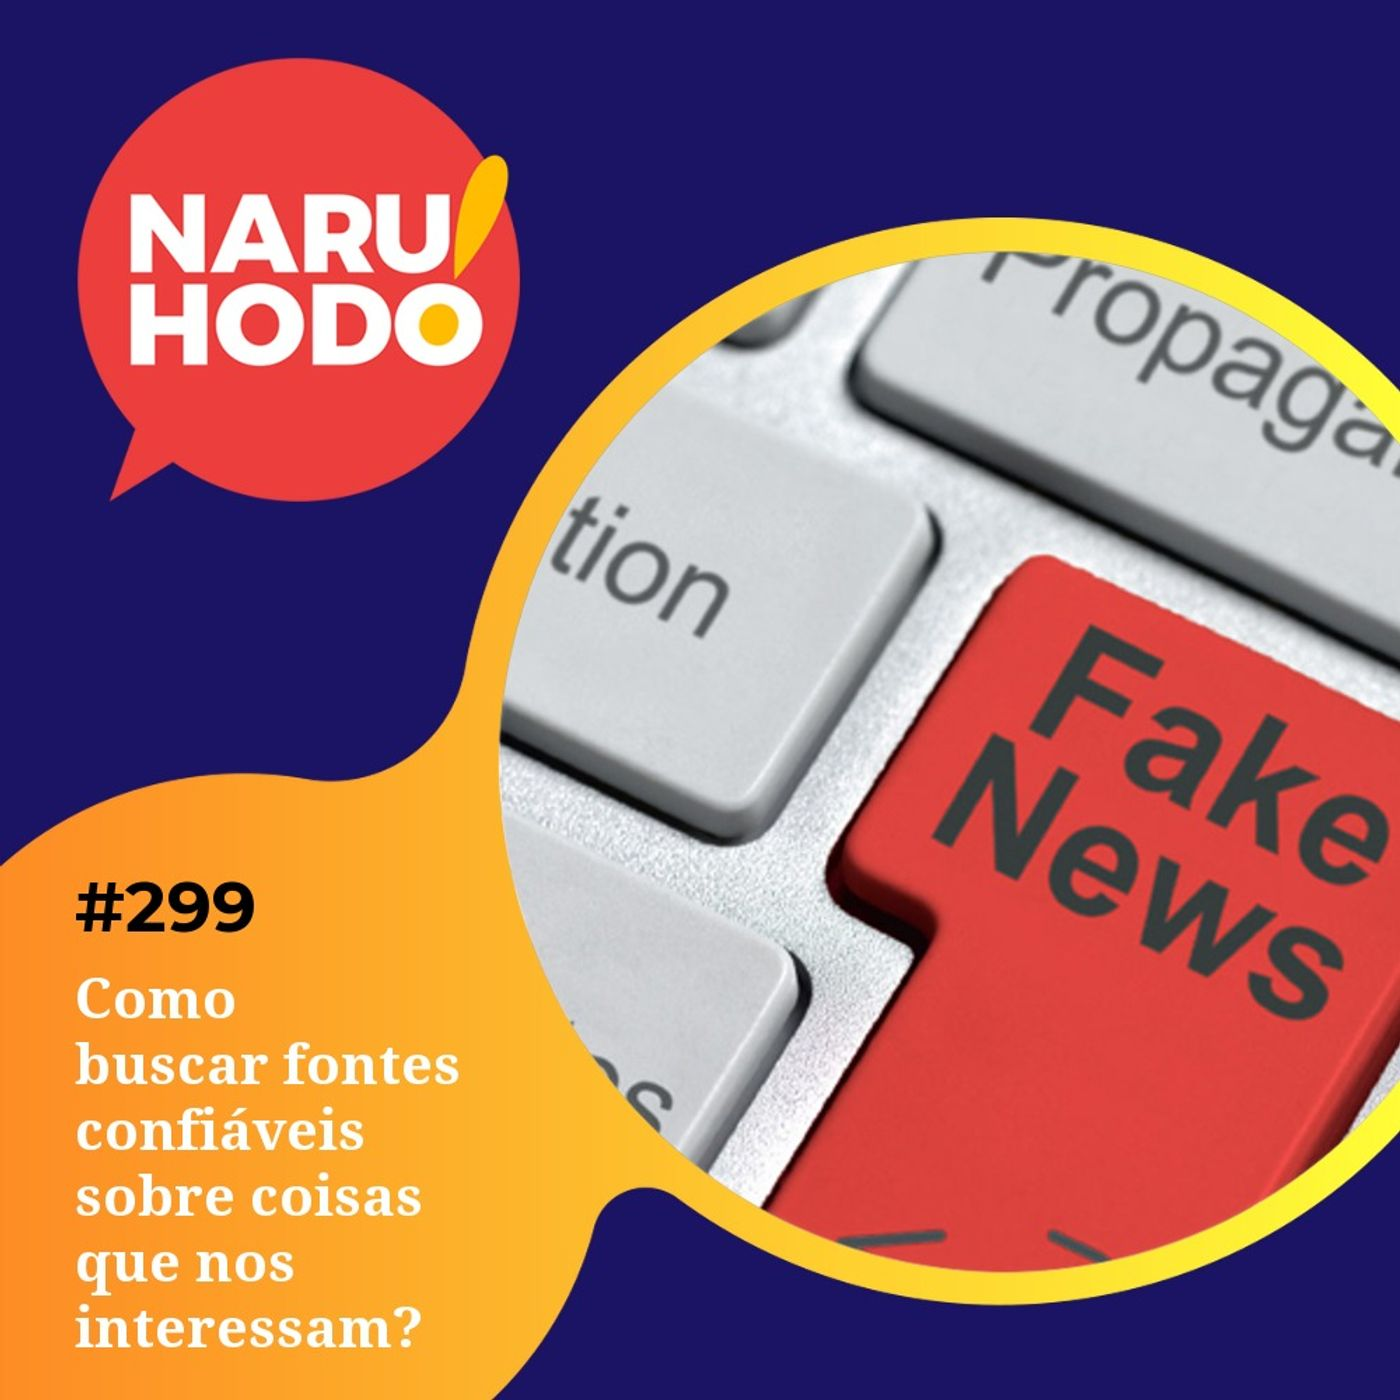 Naruhodo #299 - Como buscar fontes confiáveis sobre coisas que nos interessam?